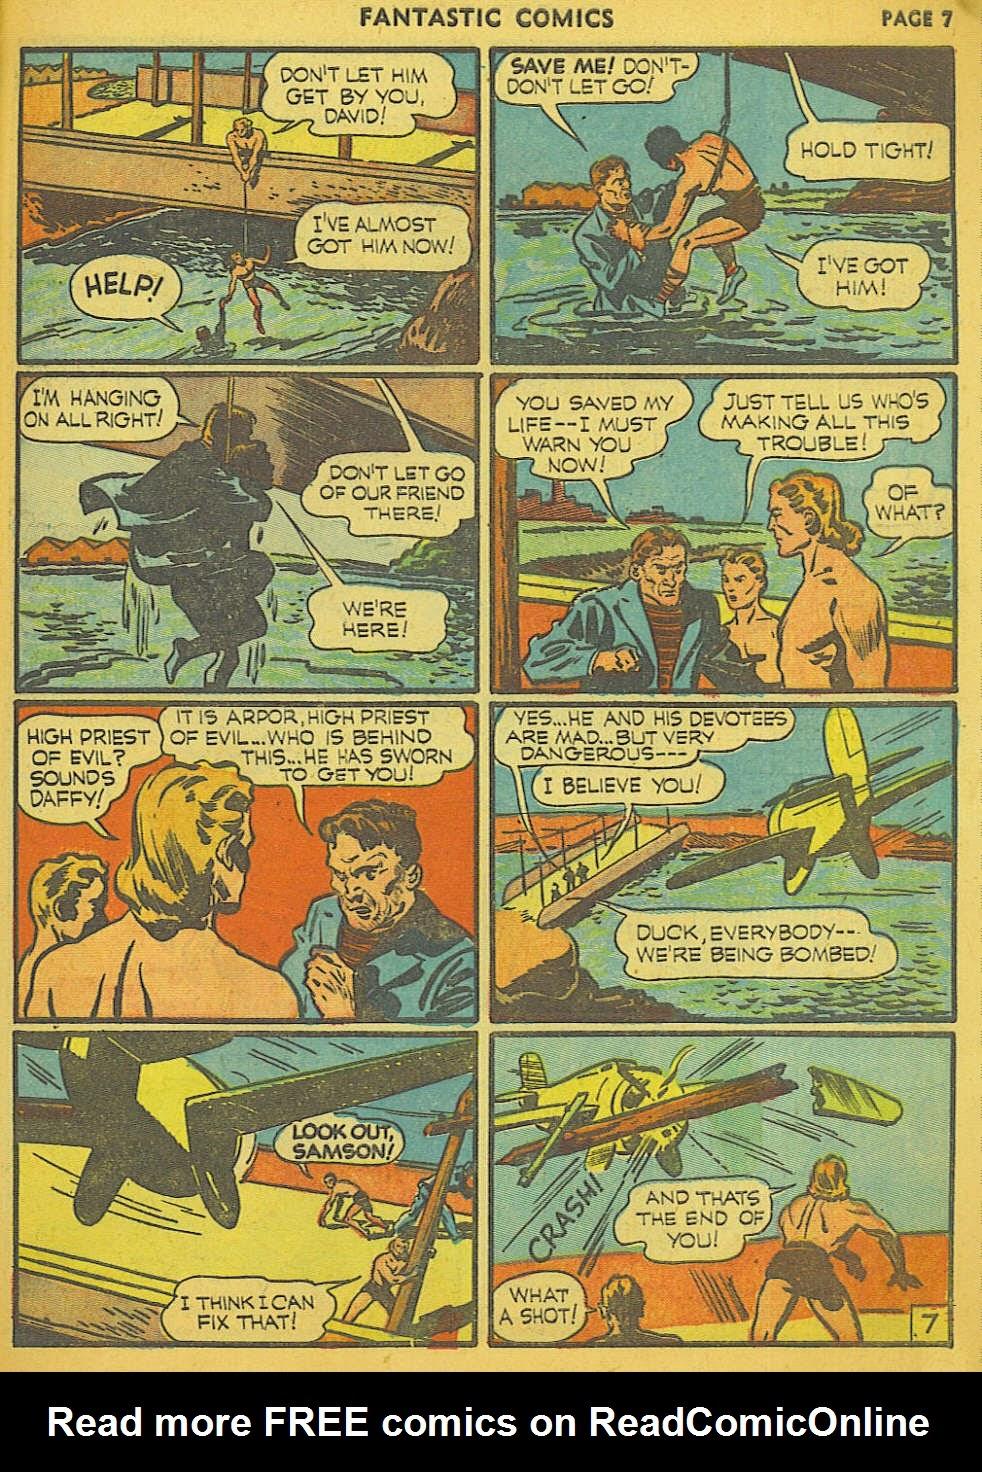 Read online Fantastic Comics comic -  Issue #15 - 60